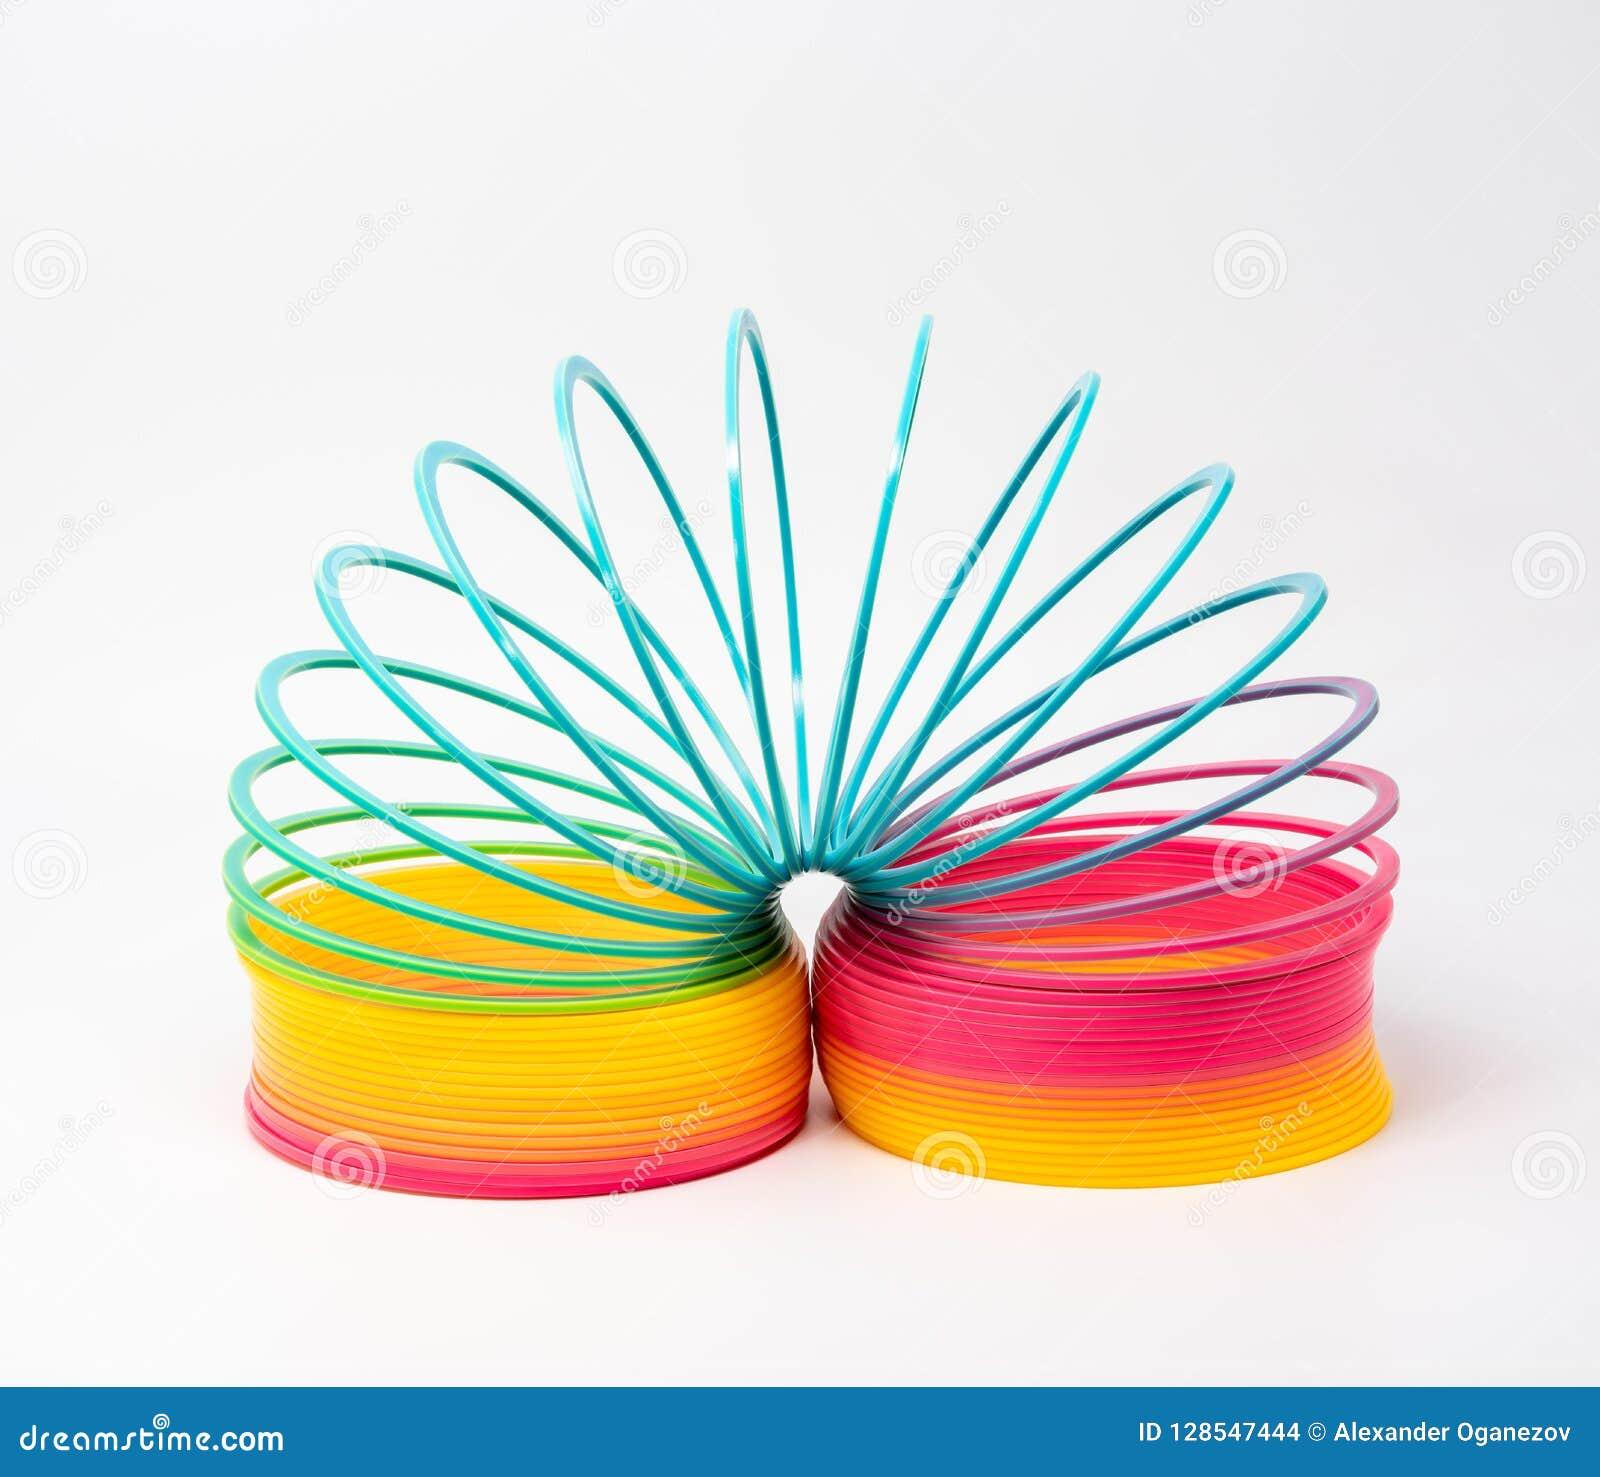 苗条-彩虹色的塑料玩具